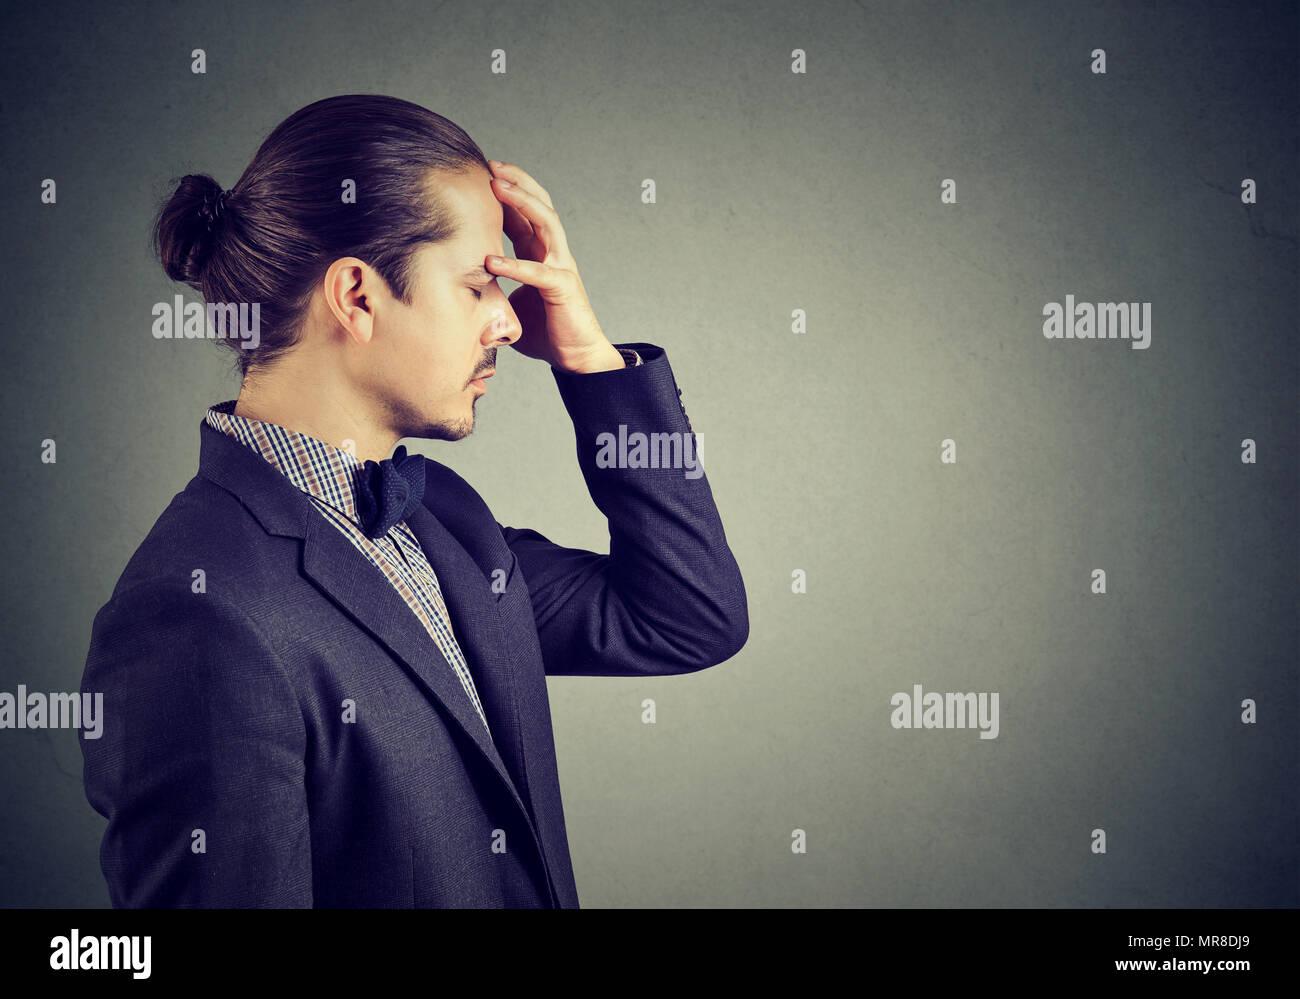 Idée De Photo De Profil profil des jeunes beau man in suit holding part sur le front